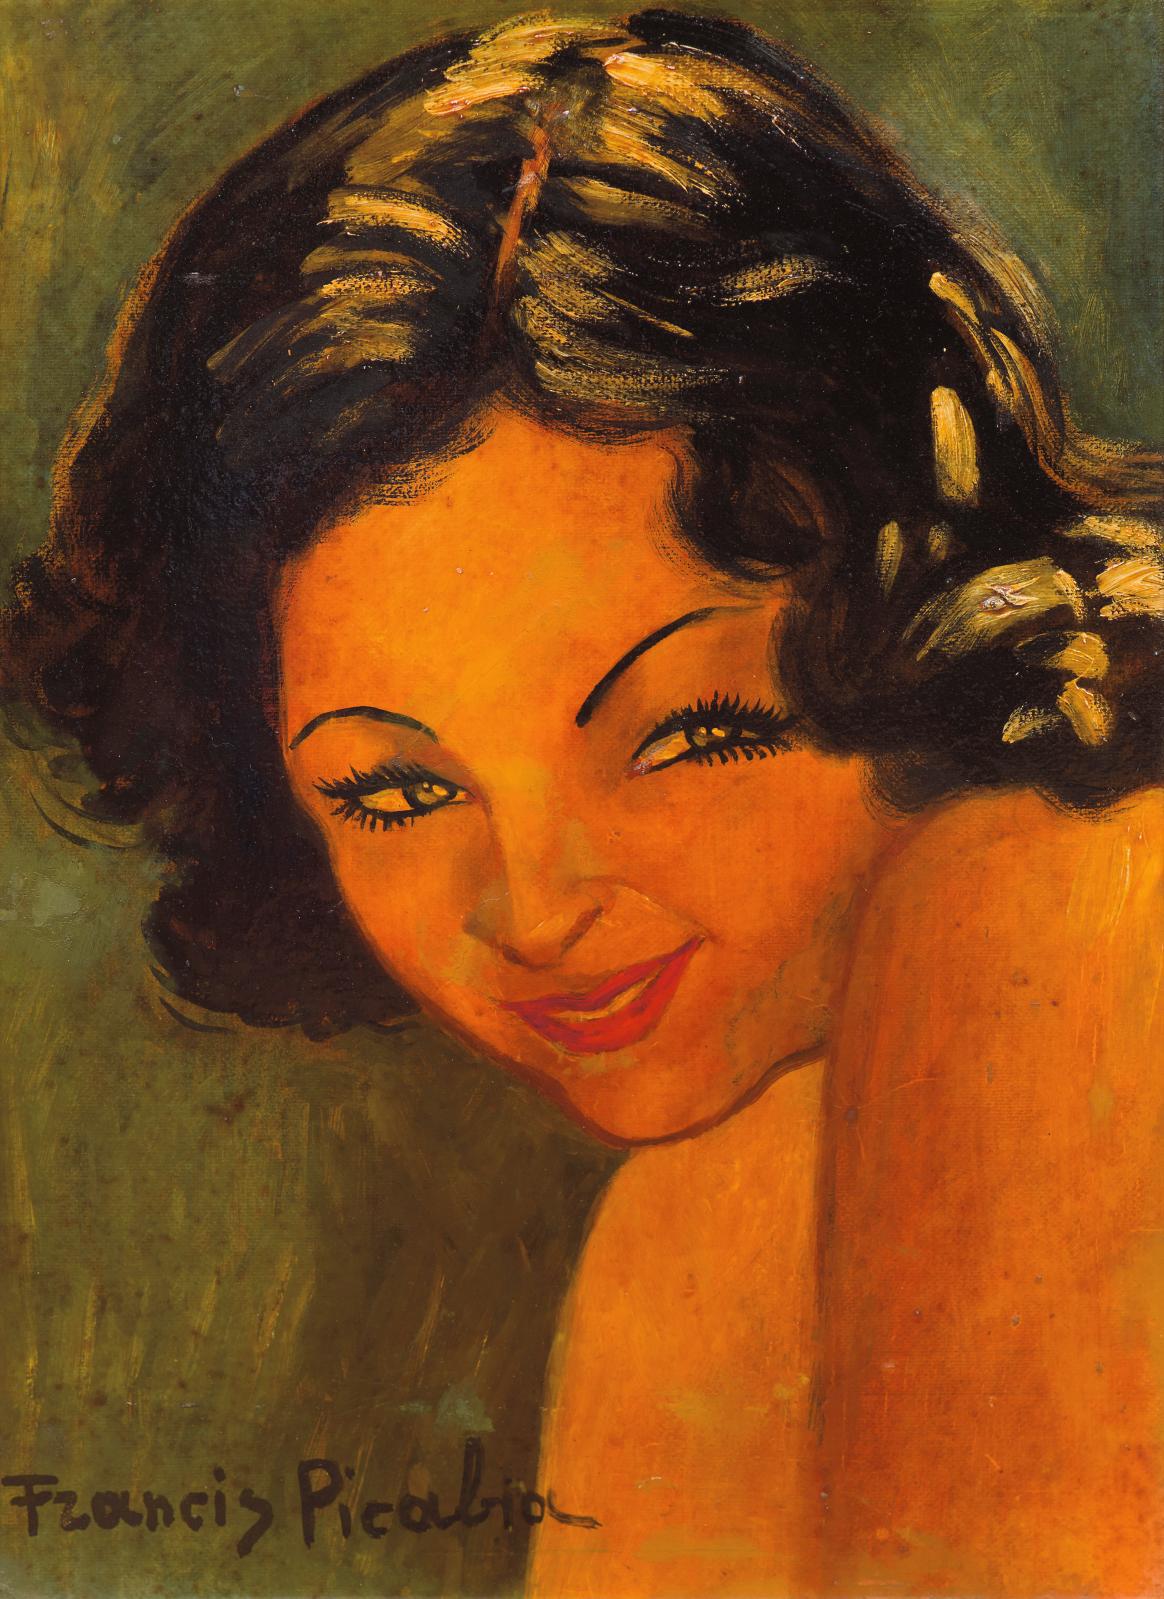 Francis Picabia (1879-1953), Portrait de femme et visage superposé (Portrait of a Woman and Superimposed Face), c. 1938-1939, and Tête de